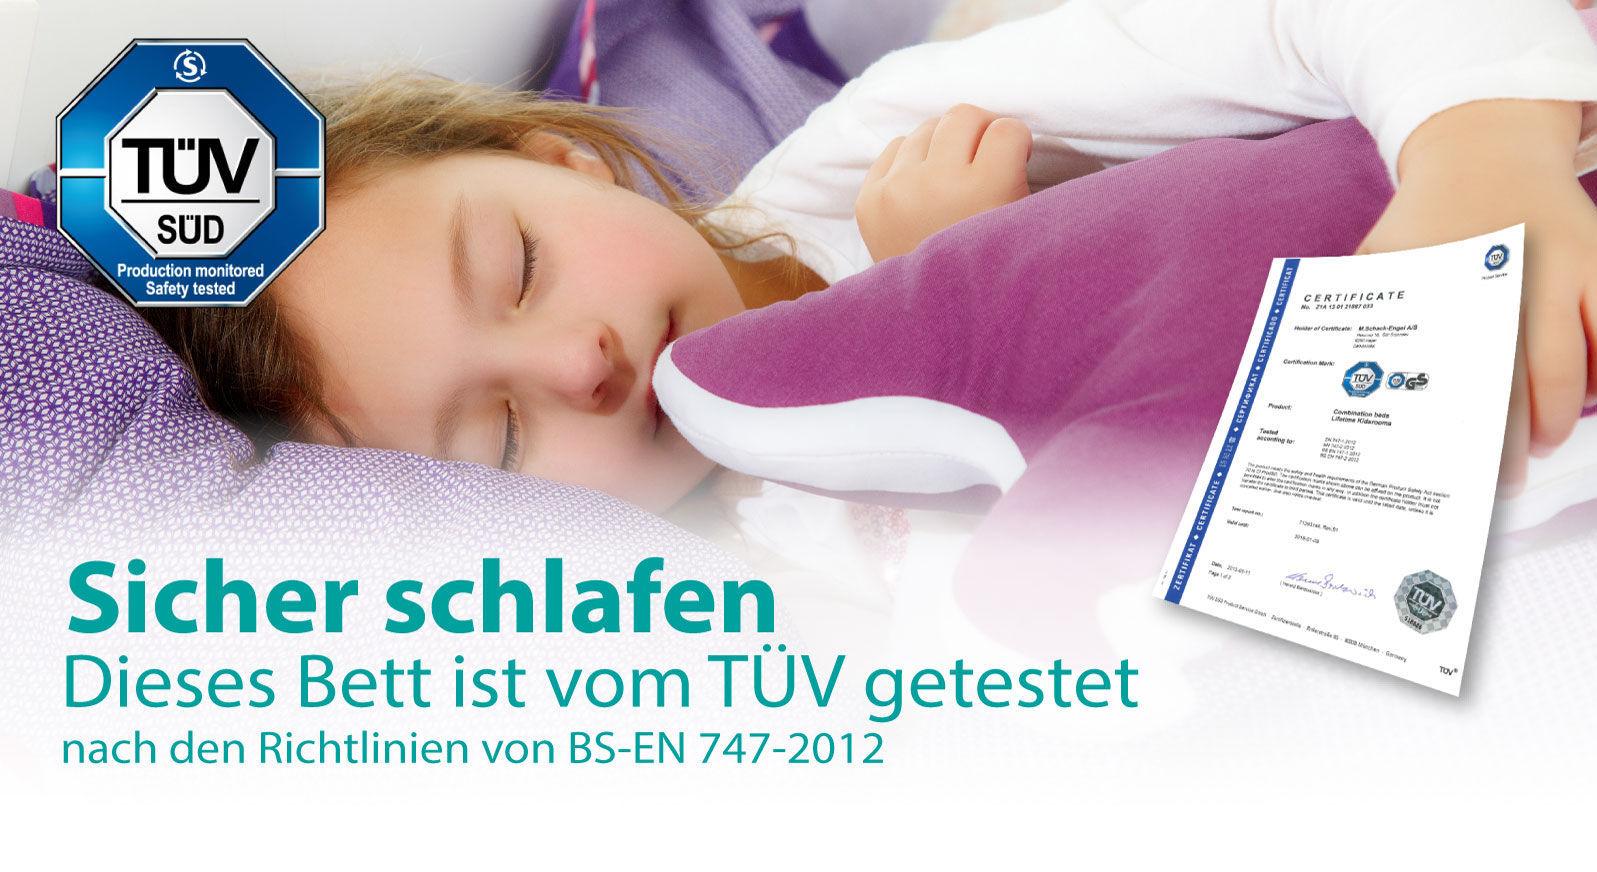 TÜV-Zertifikat LIFETIME für sicheres Schlafen